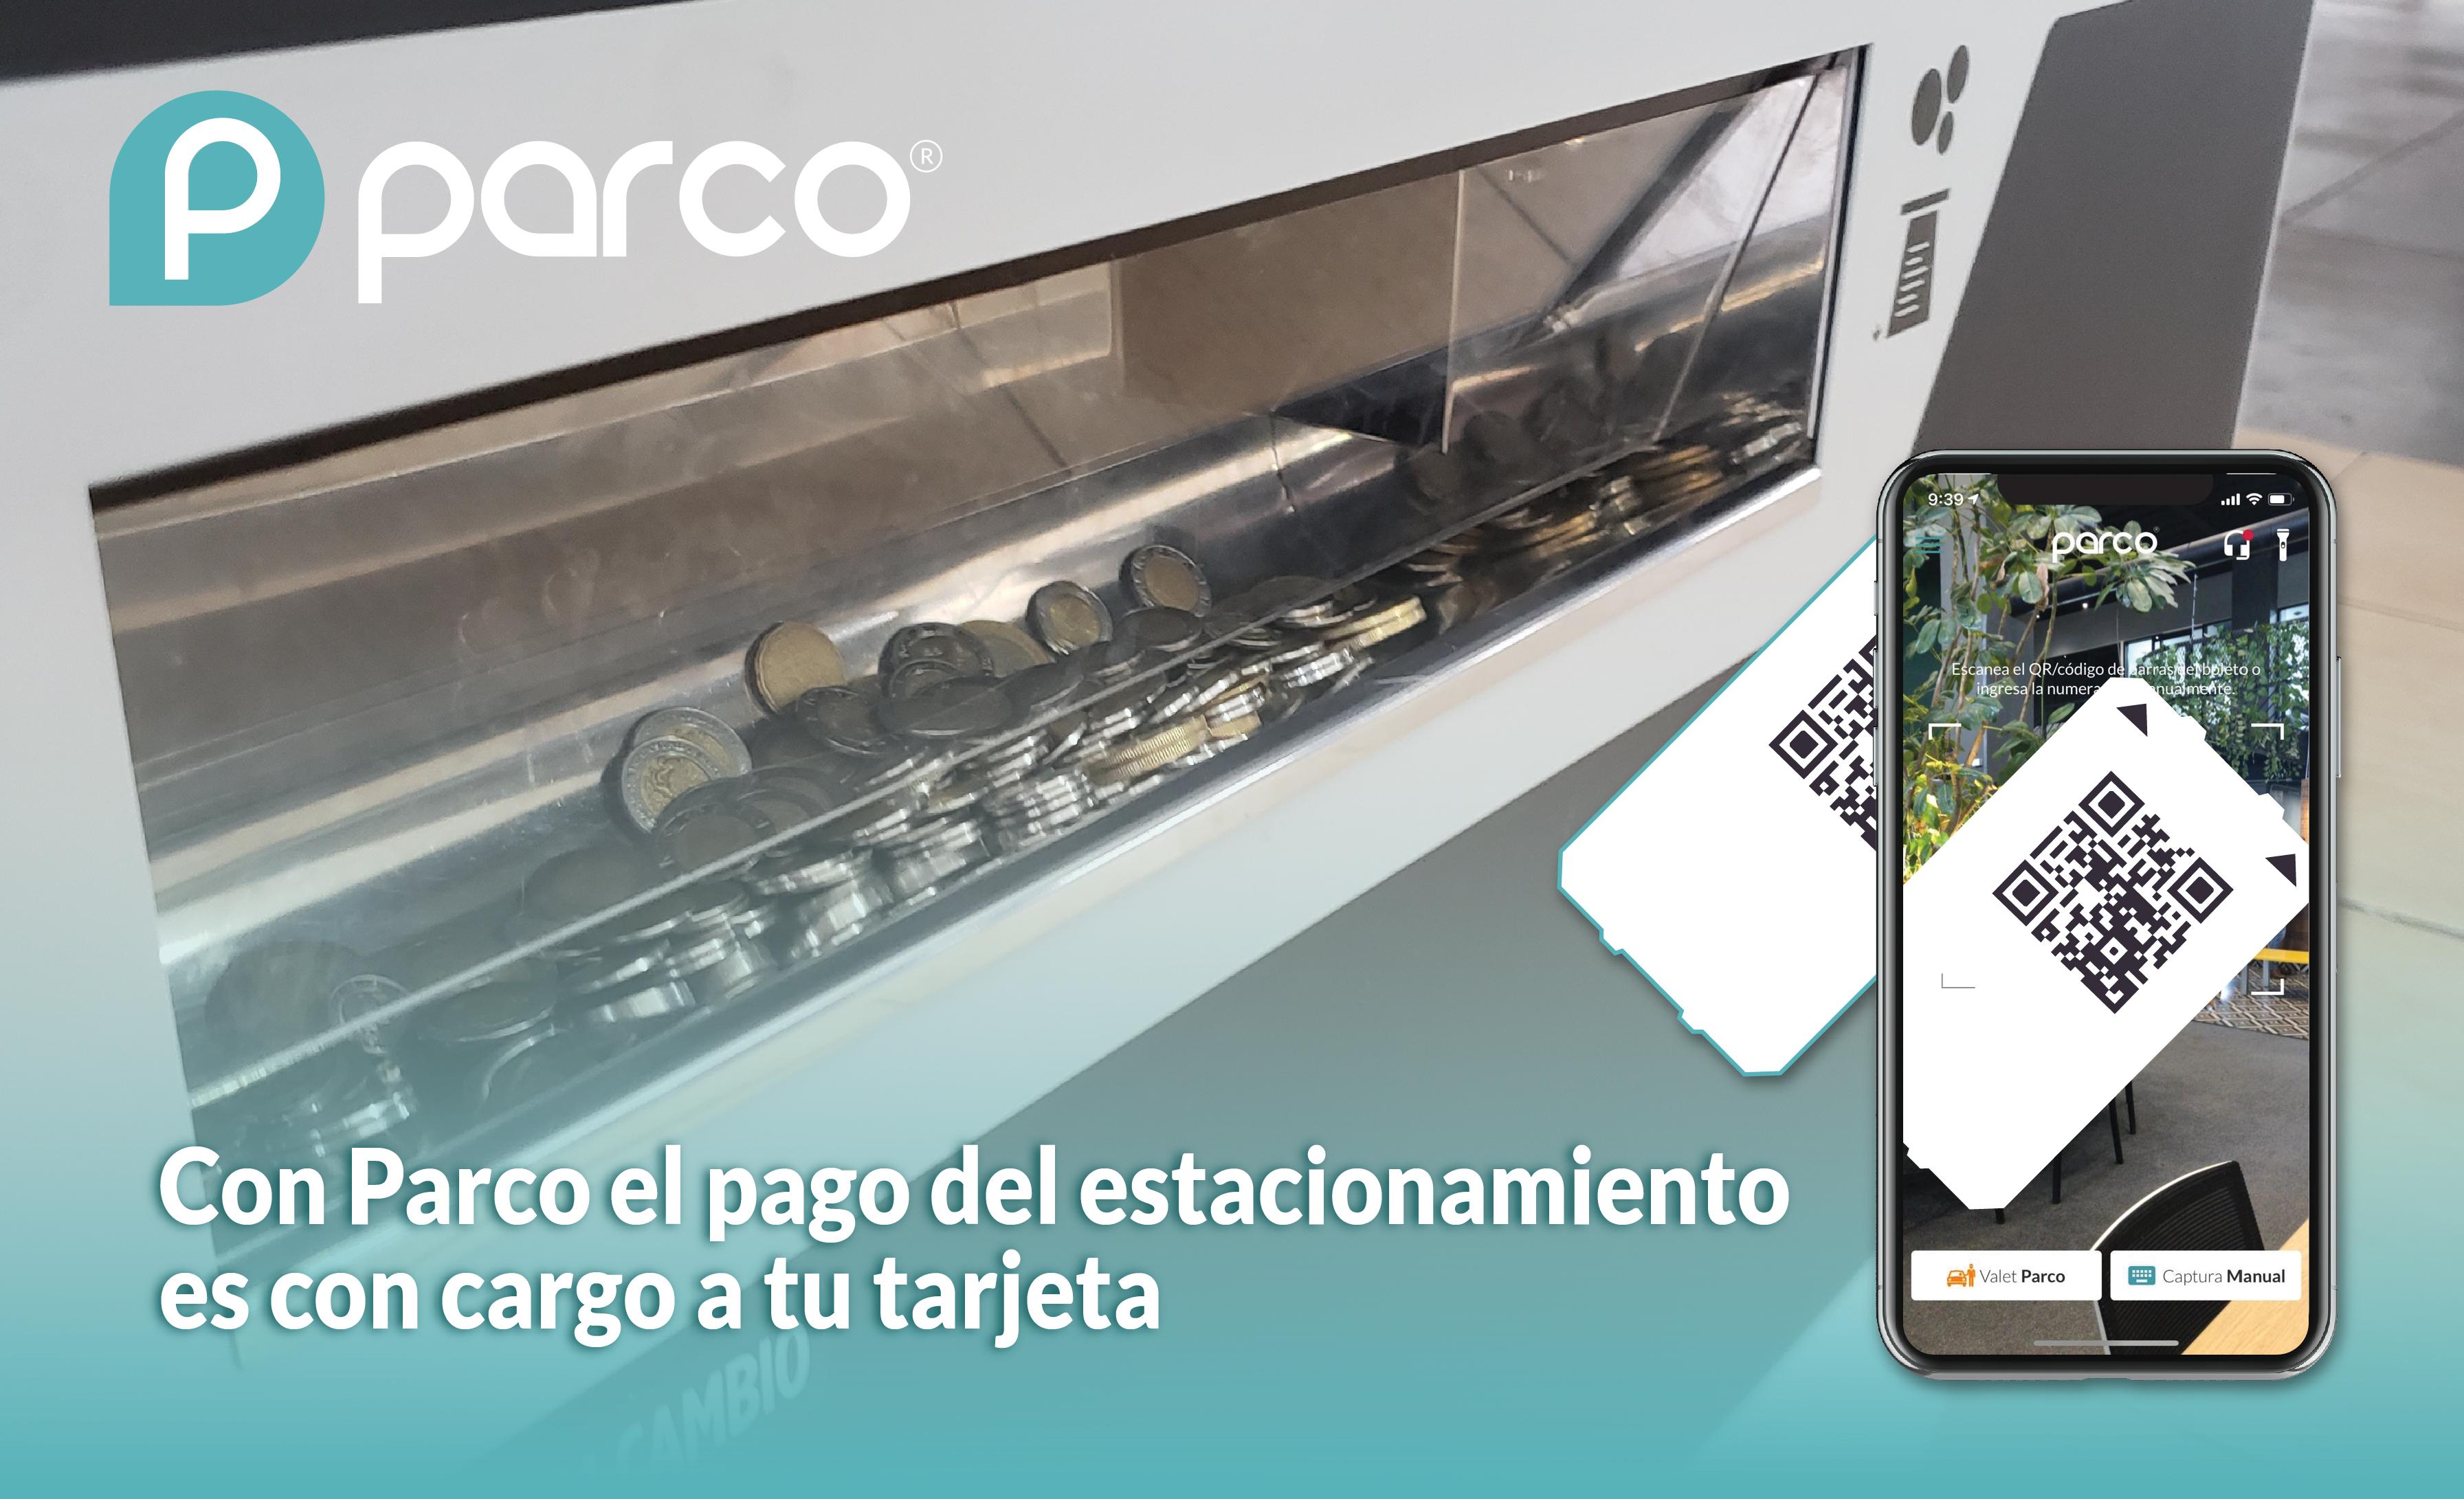 PARCO ANUNCIOS-02